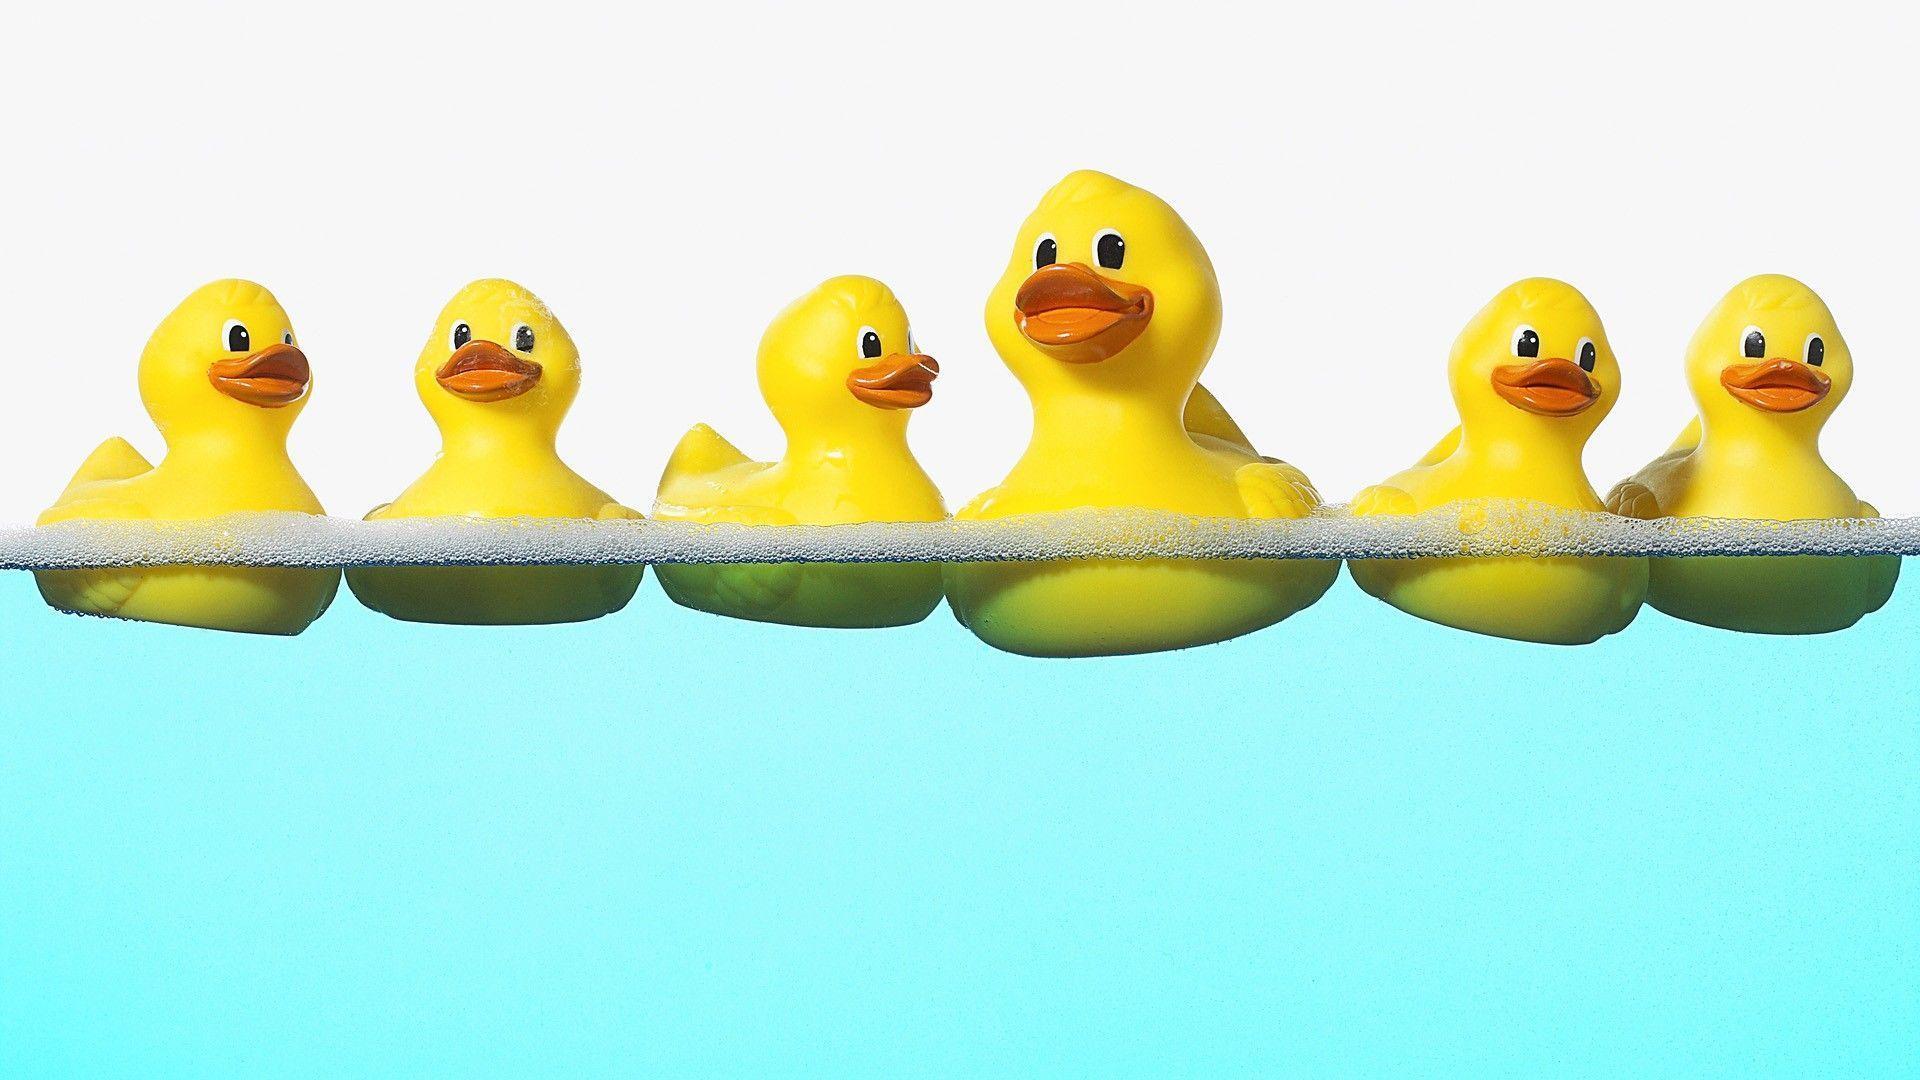 rubber duck wallpaper - photo #2